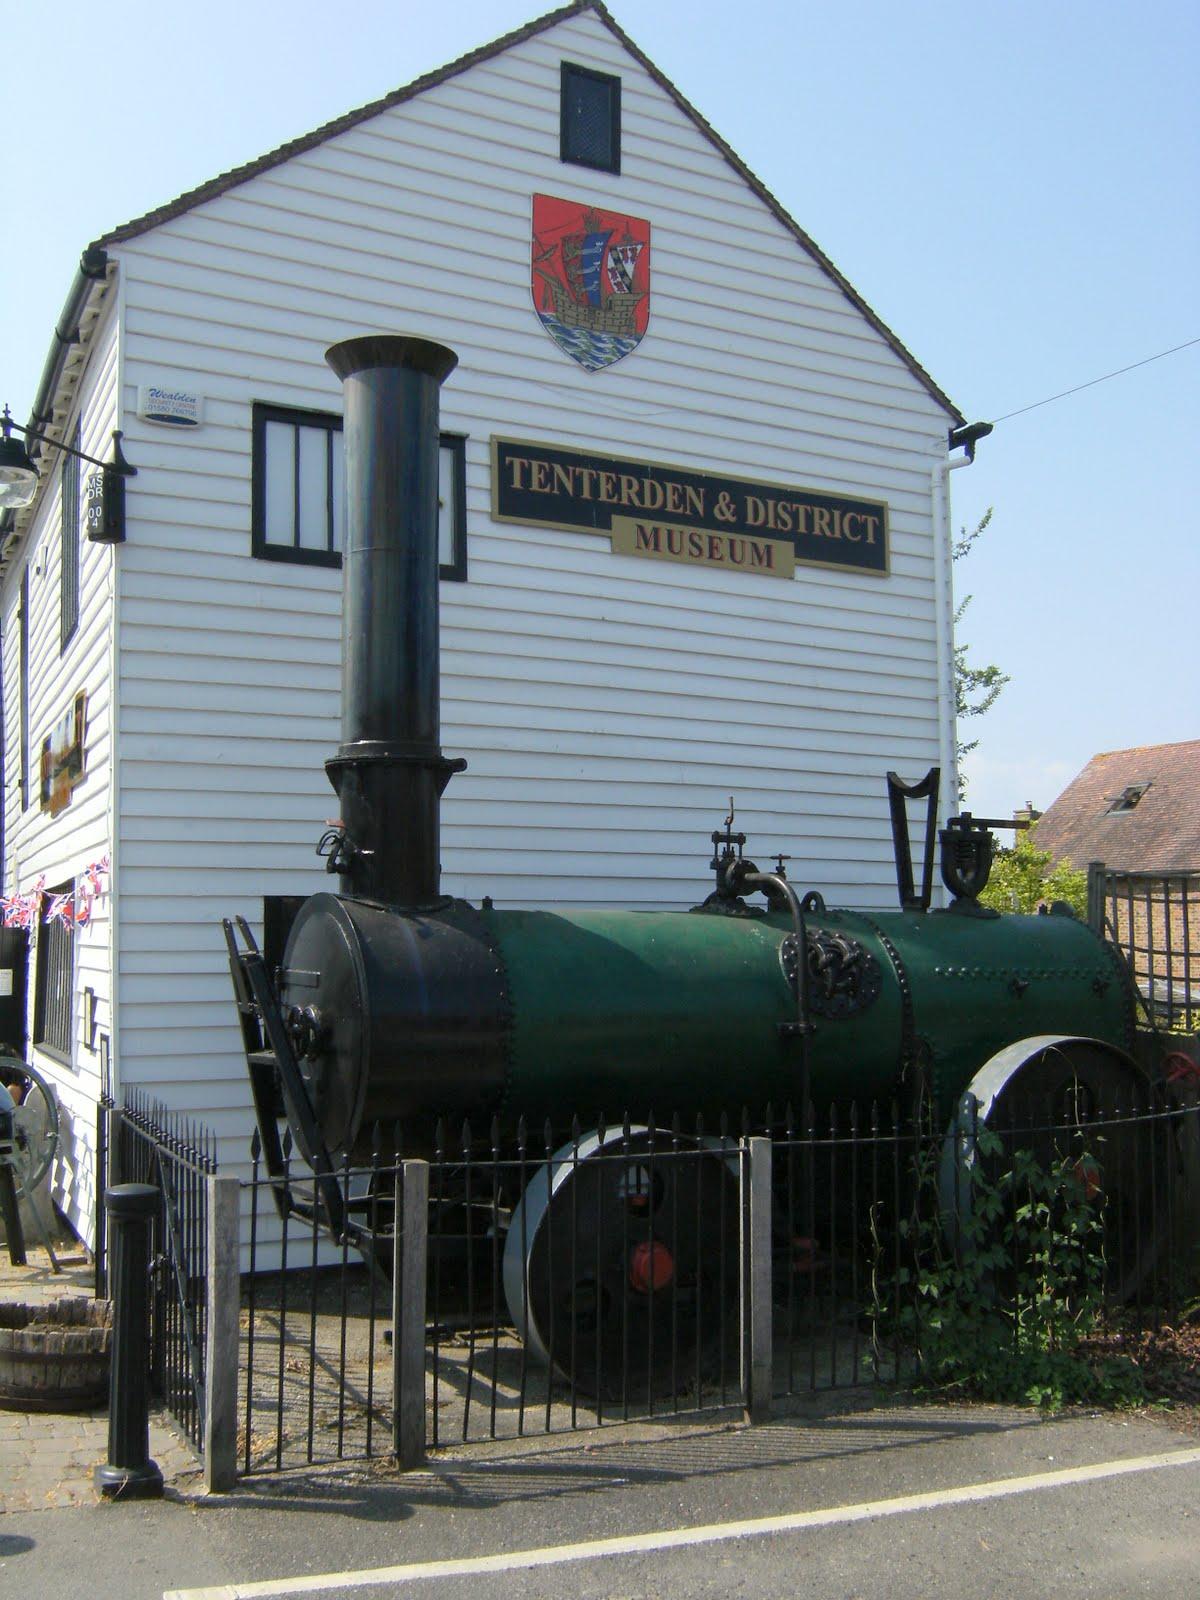 DSCF7366 Tenterden Museum